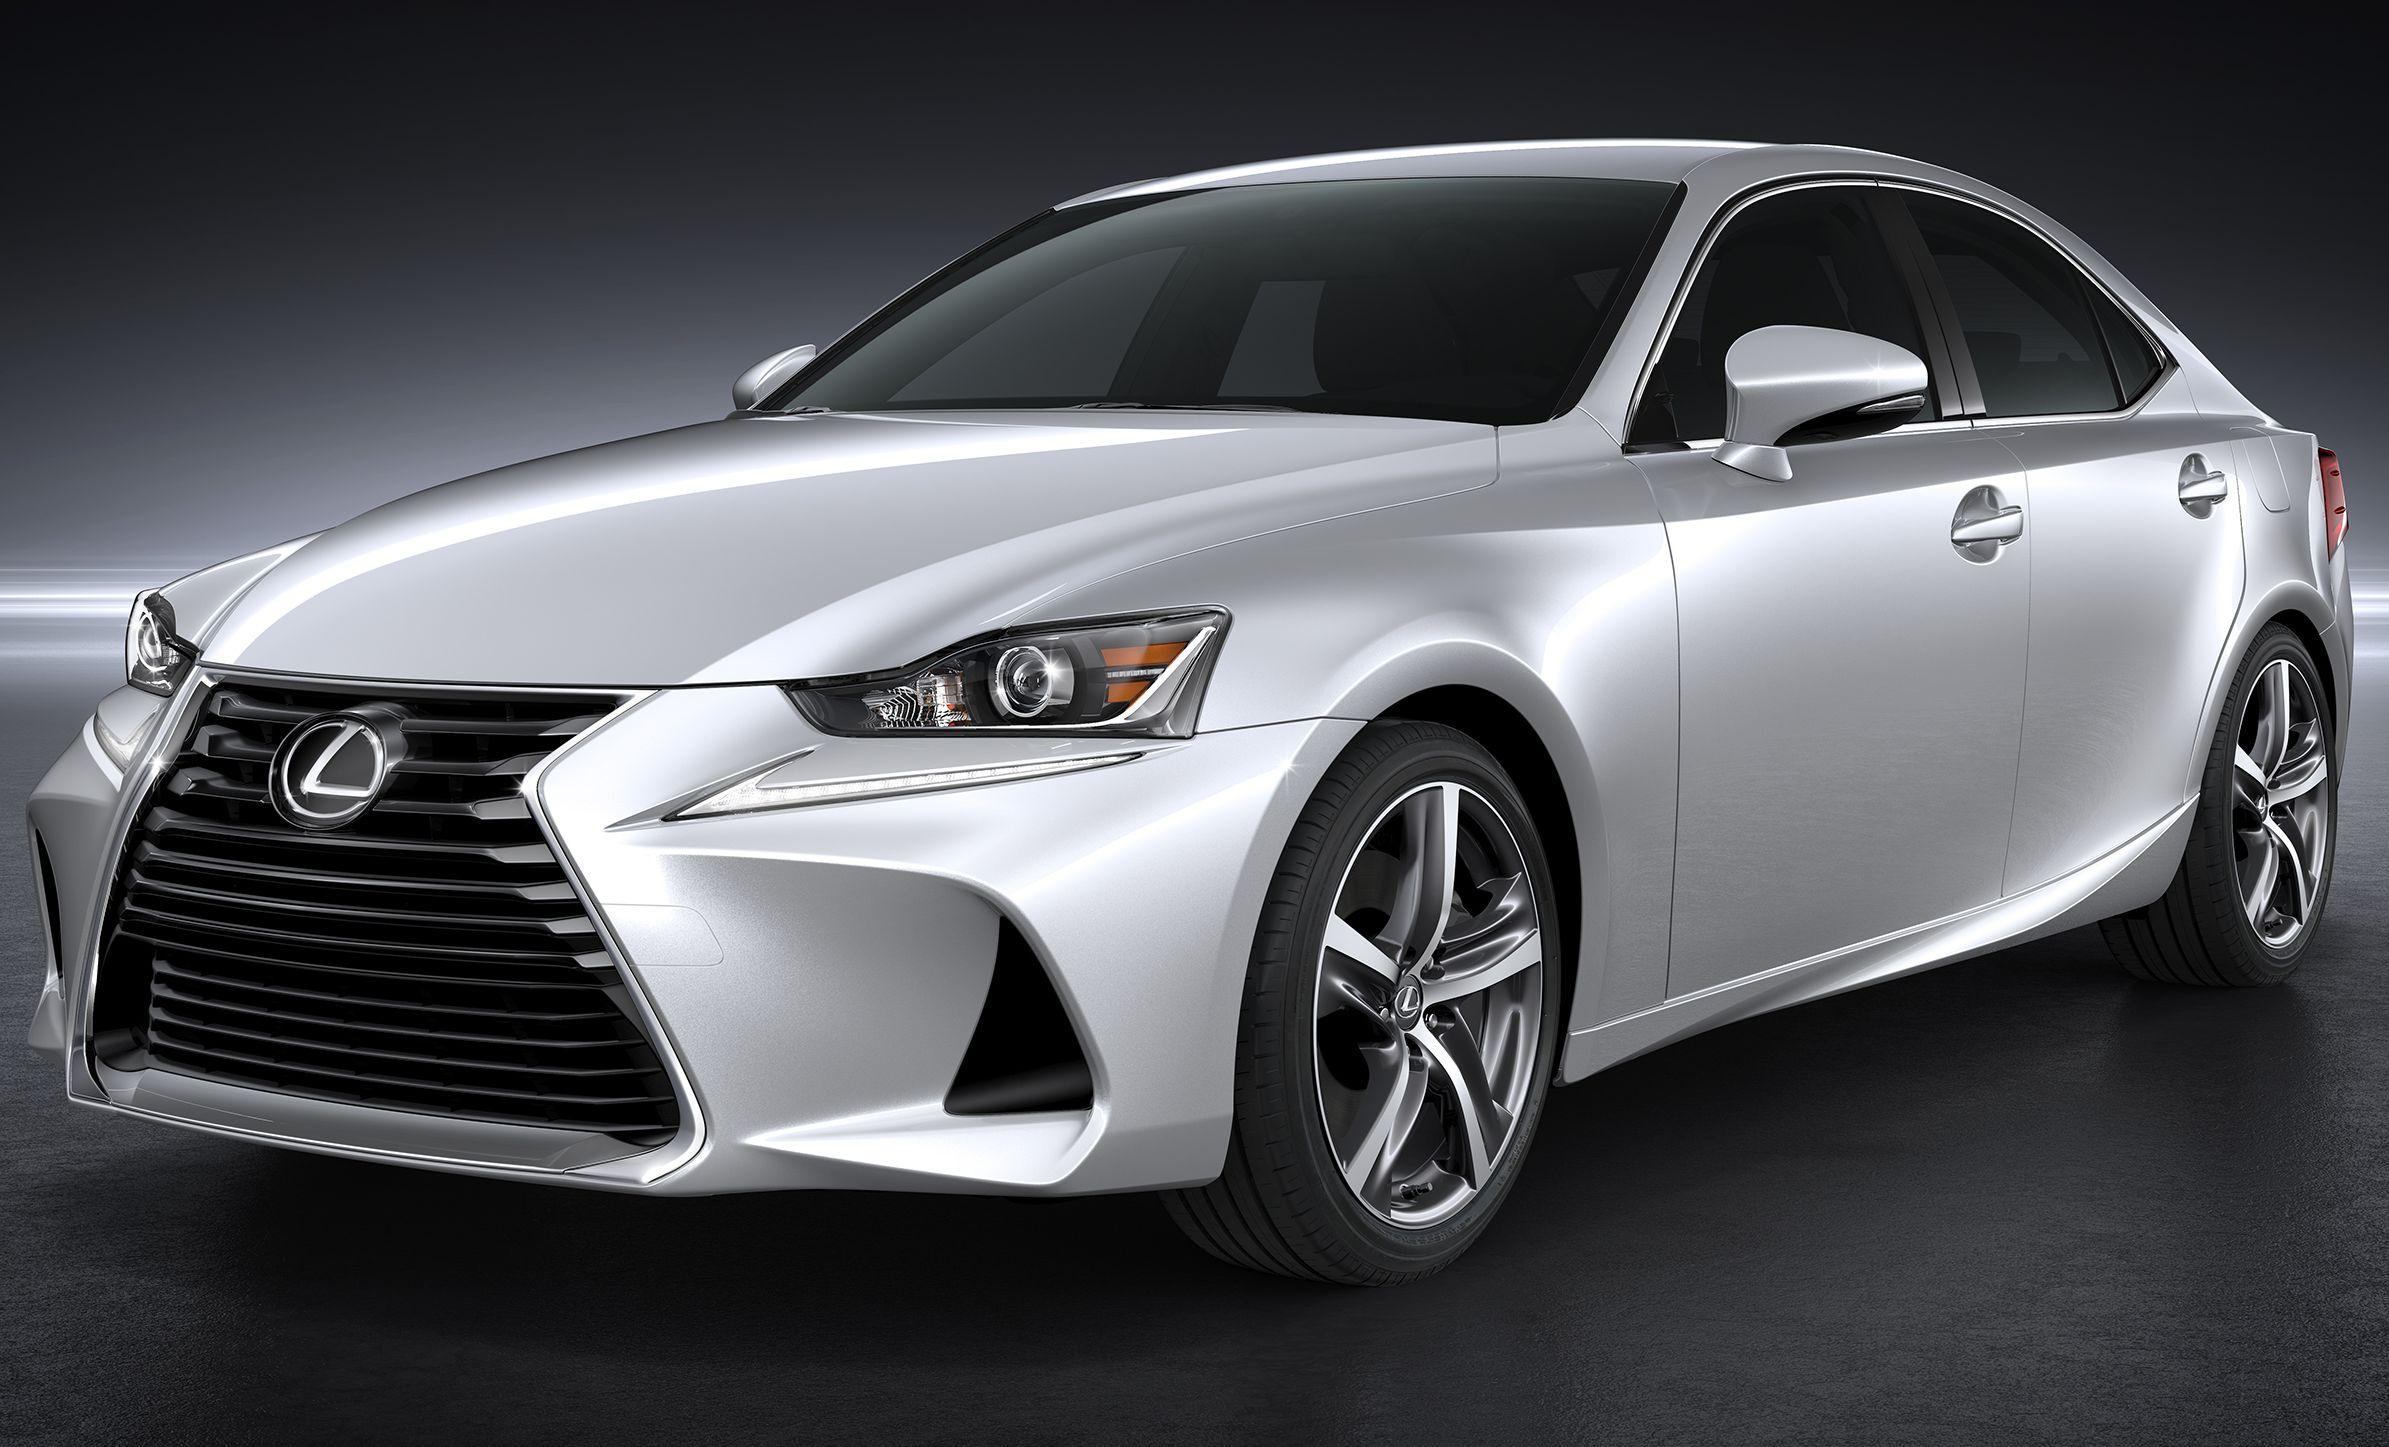 Lexus Shows Revamped IS Sedan